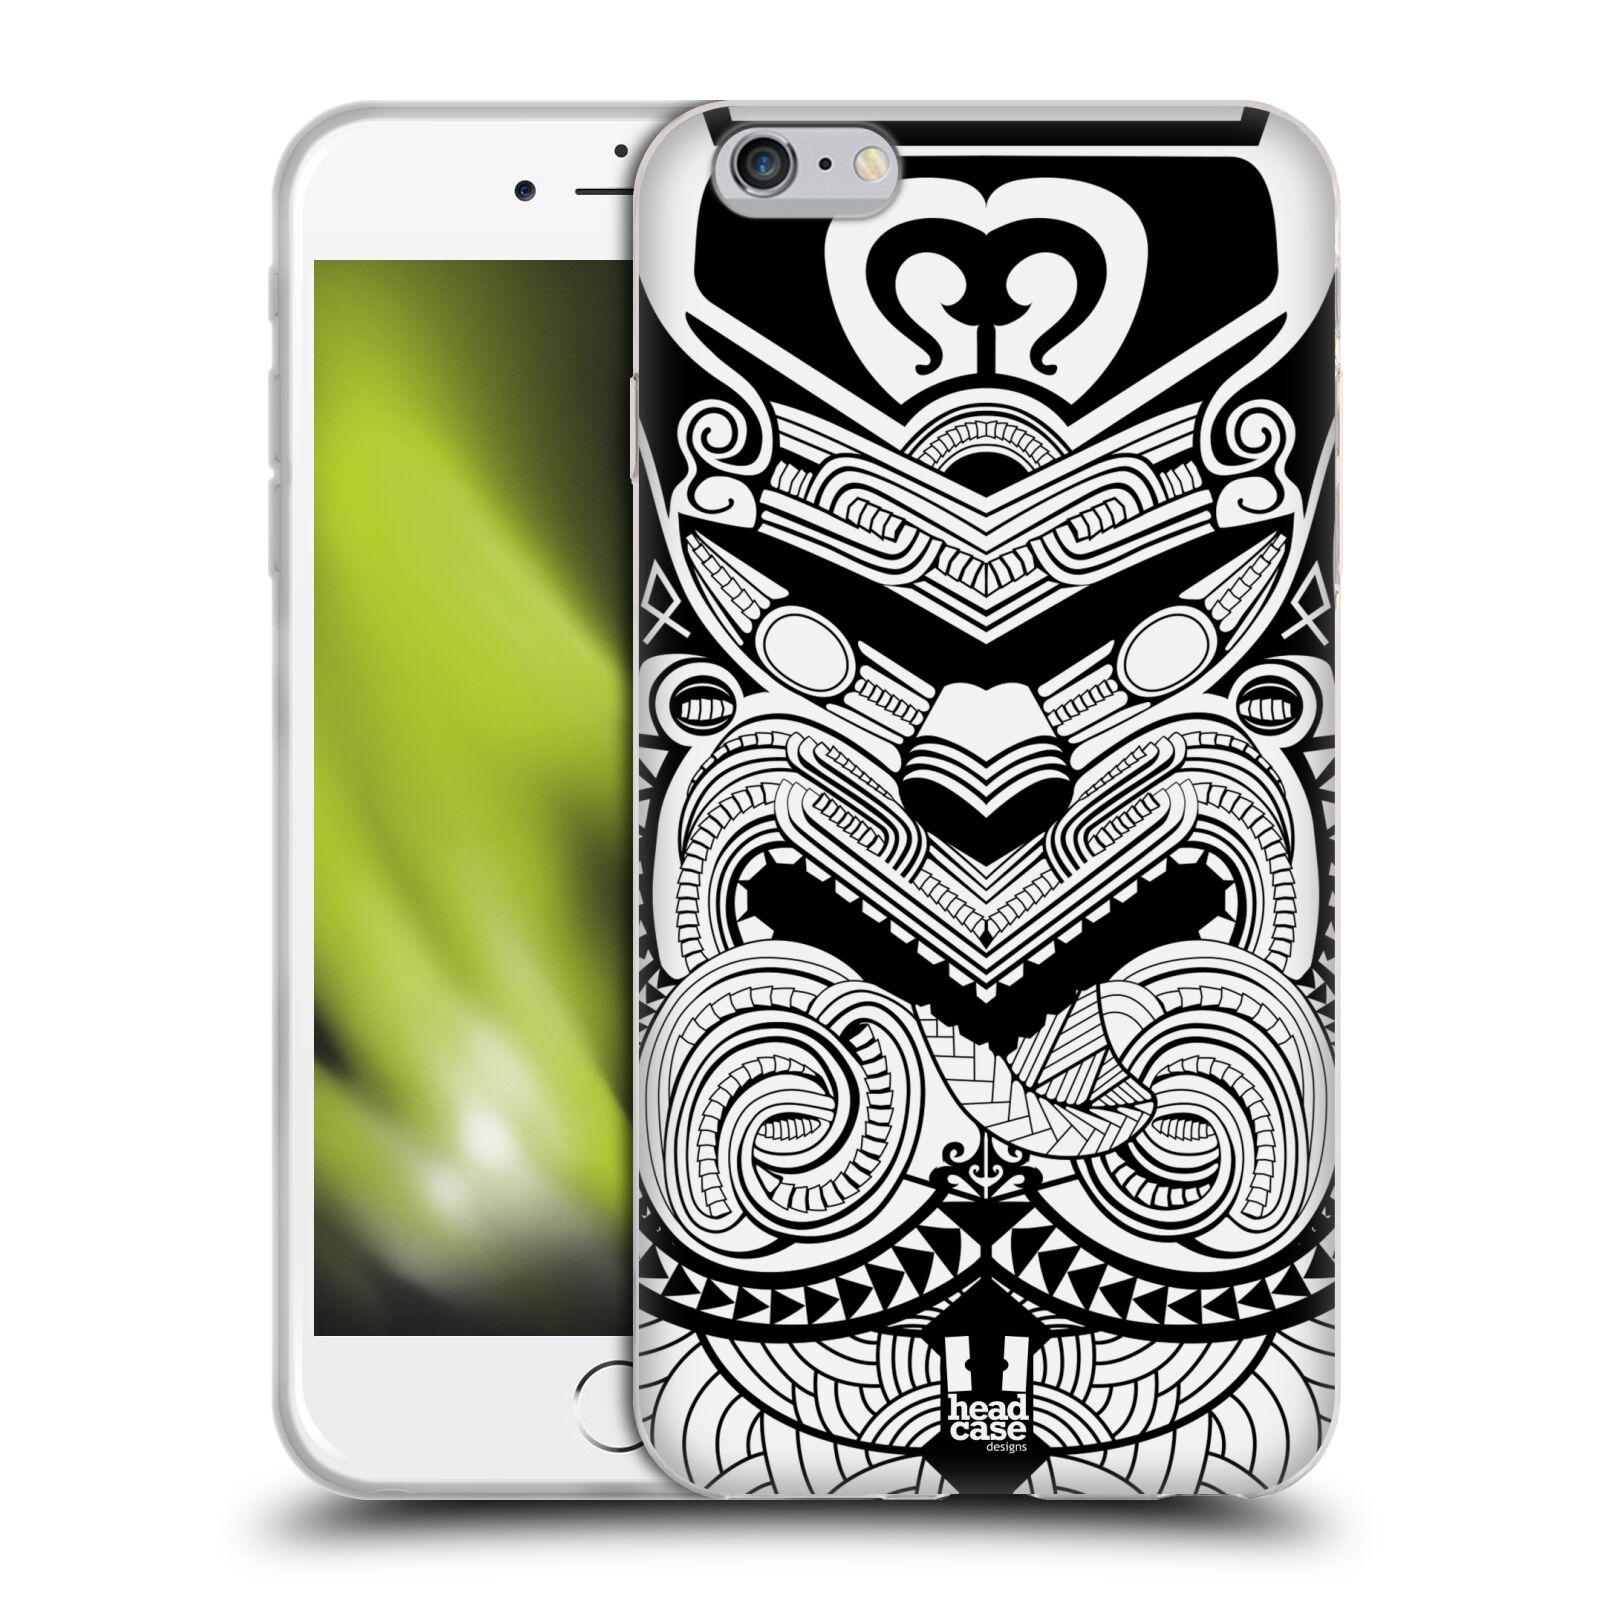 HEAD CASE silikonový obal na mobil Apple Iphone 6 PLUS/ 6S PLUS vzor Maorské tetování motivy černá a bílá VÁLEČNÍK